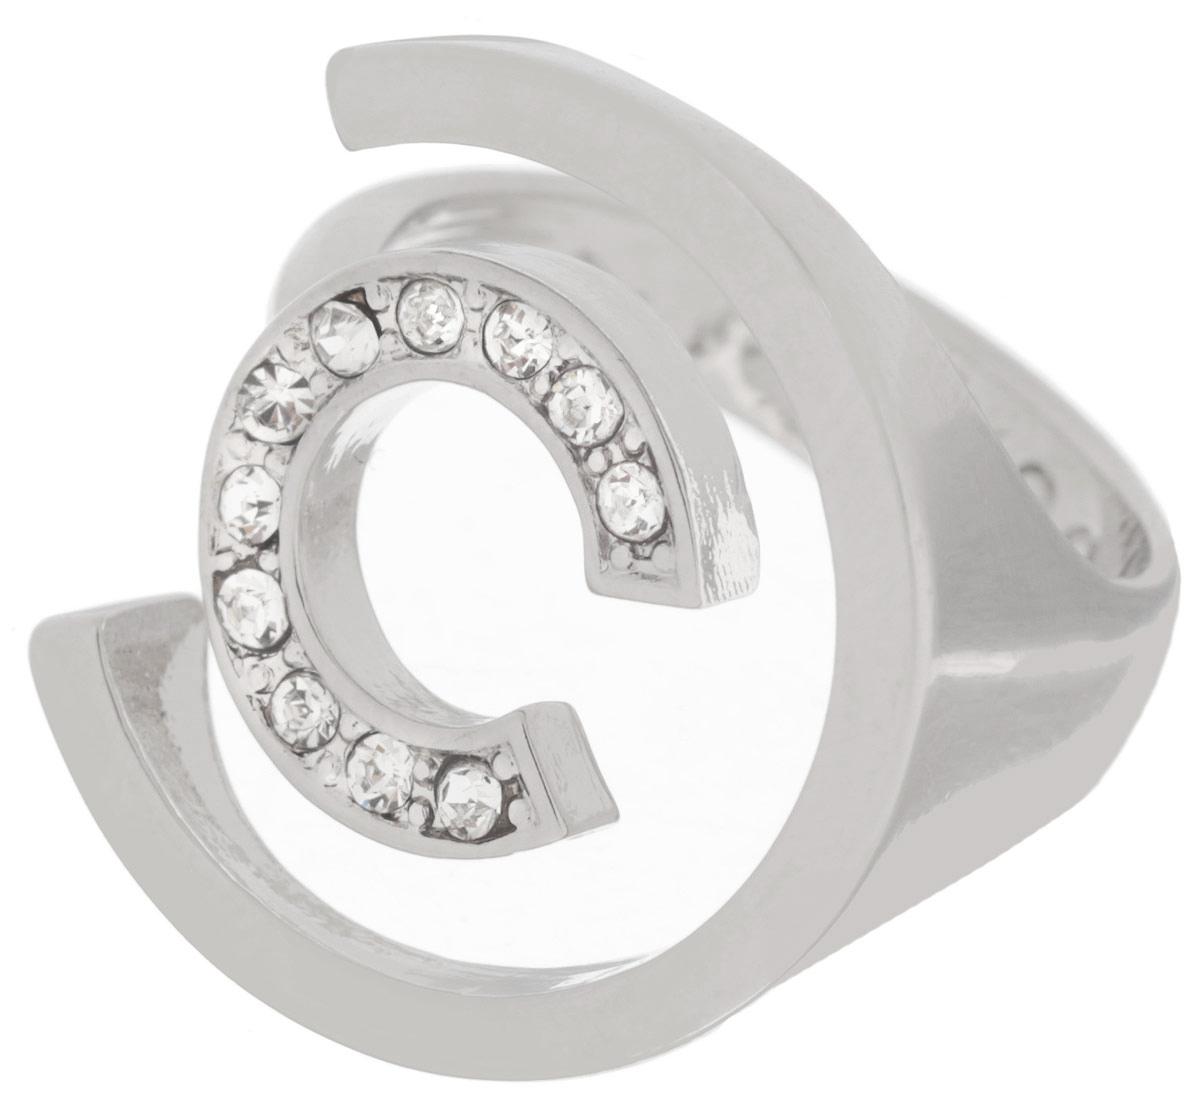 Кольцо Jenavi Форцетия, цвет: серебряный, белый. f506f000. Размер 17Коктейльное кольцоОригинальное кольцо Jenavi Форцетия изготовлено из антиаллергического ювелирного сплава с покрытием серебром и родием. Декоративный элемент выполнен в виде двух полуокружностей разного размера, одна из которых инкрустирована гранеными кристаллами Swarovski.Стильное кольцо придаст вашему образу изюминку, подчеркнет индивидуальность.